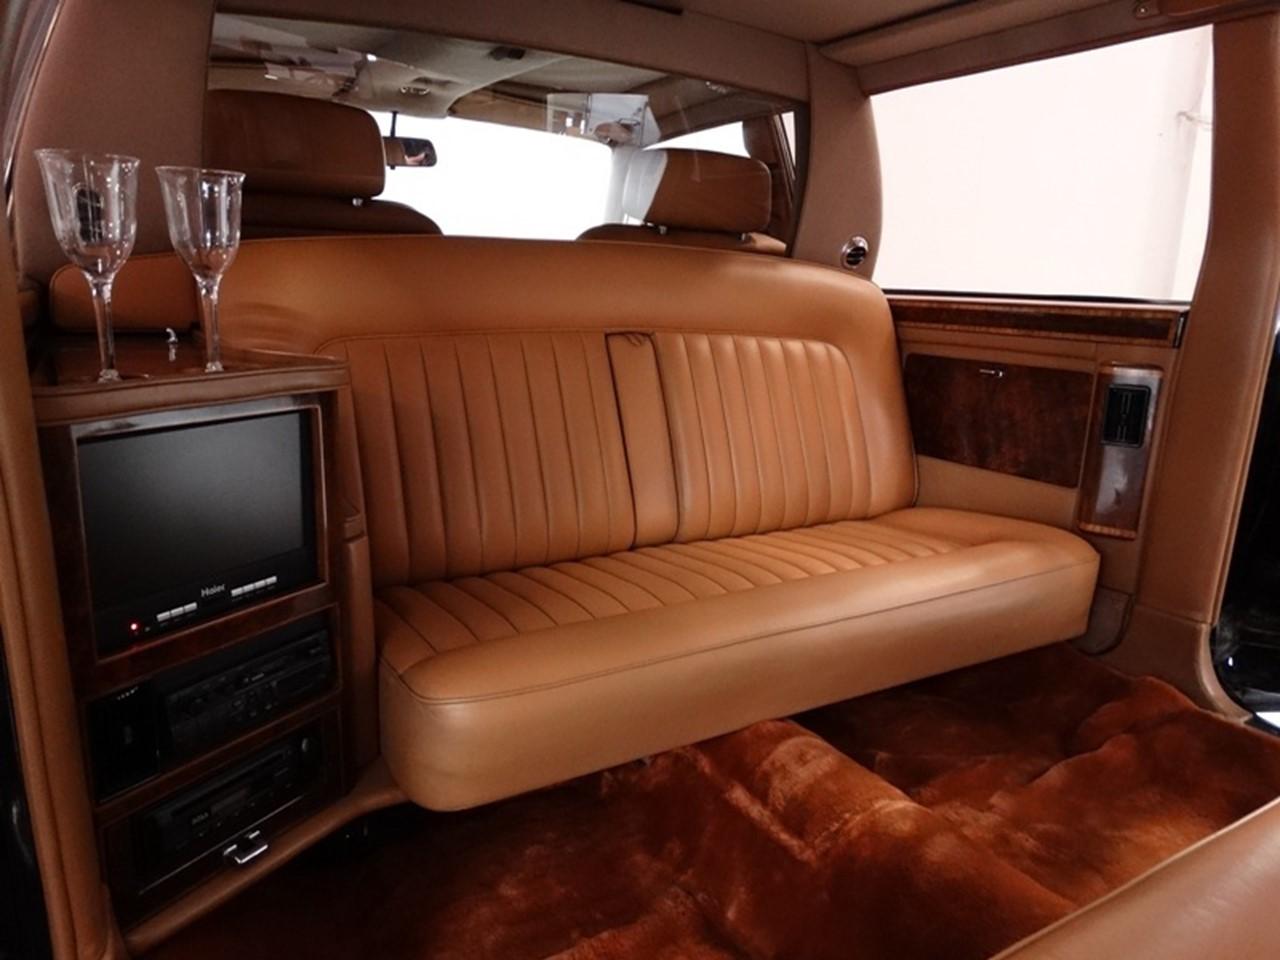 1986 Silver Spur limousine 4